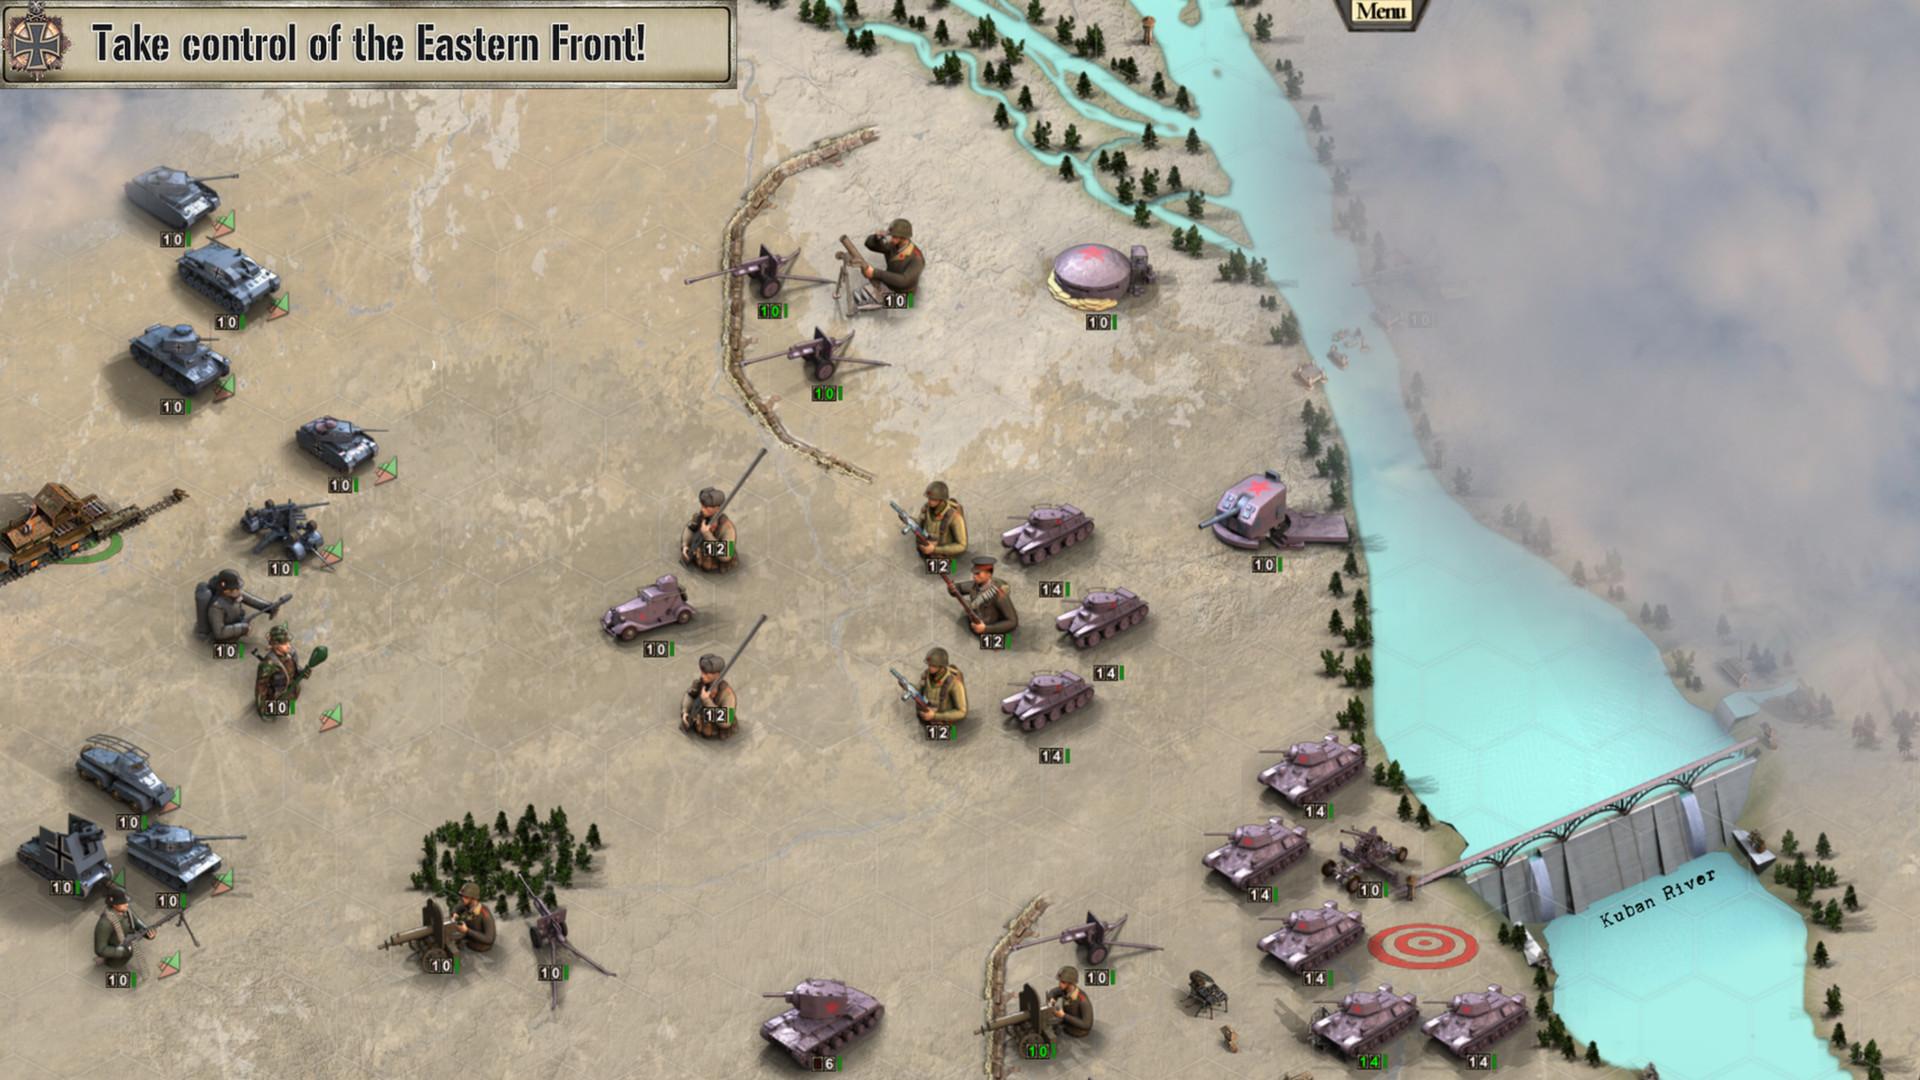 الإستراتيجية الرائعة Frontline Road Moscow ss_bc3f3a2283c76a432